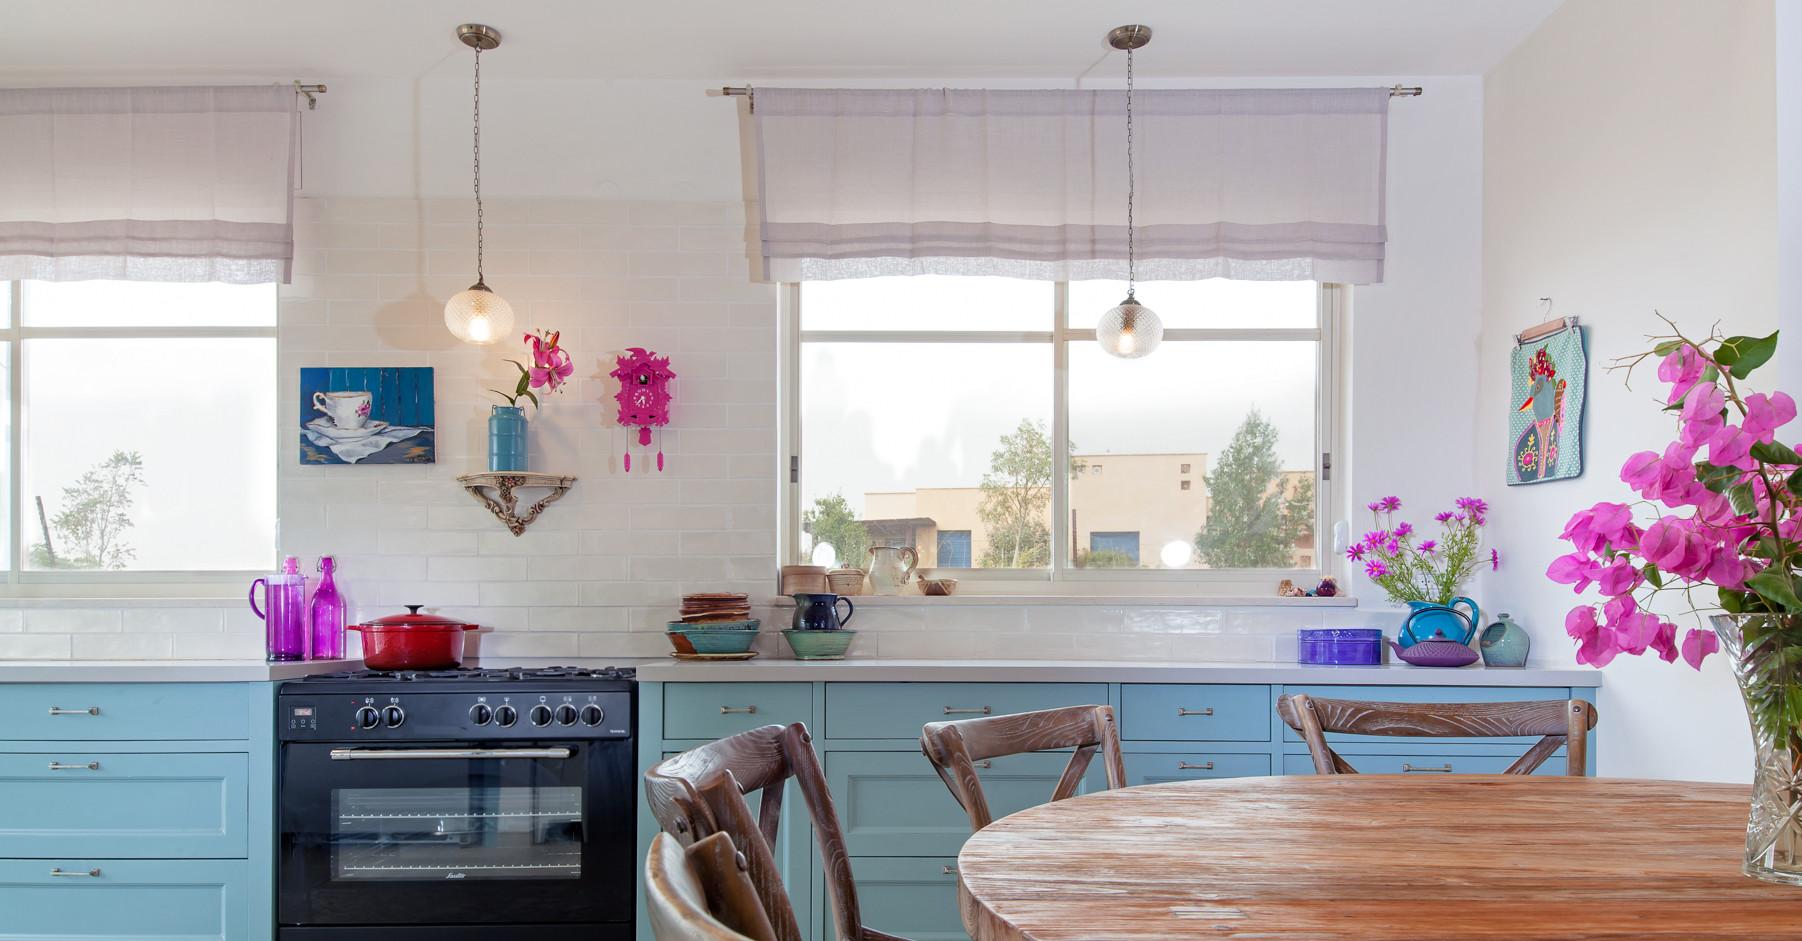 מטבח תכול עם נגיעות צבע סגול- ורוד. הרבה שמחה . פריטי עיצוב של בני המשפחה מקשטים את המטבח